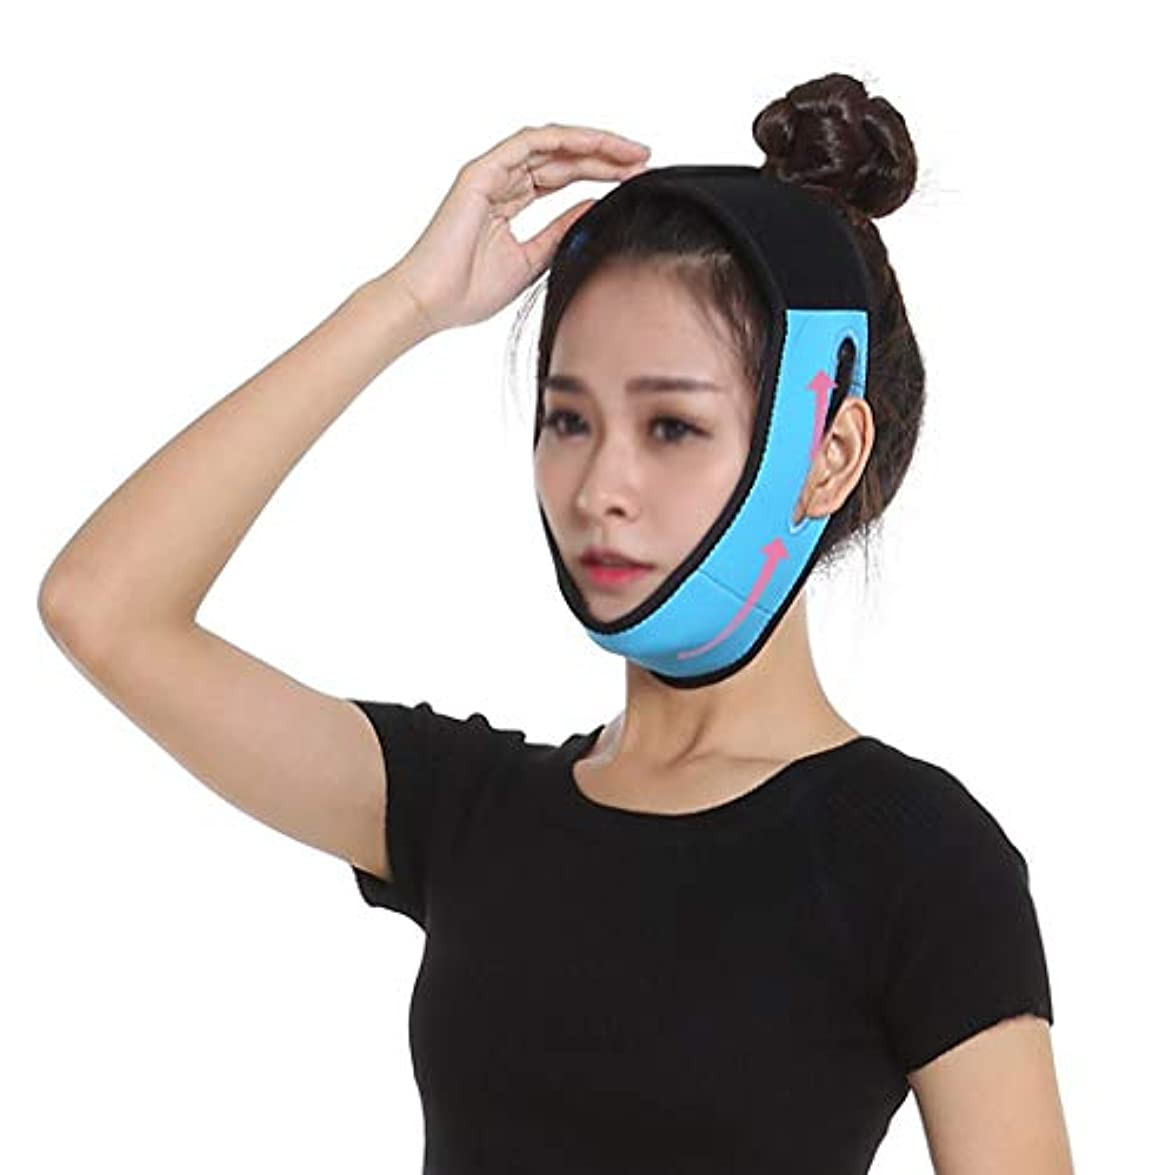 暗くする反響するアスレチックGLJJQMY 痩身ベルトマスクVフェイシャルアーティファクトマッサージマスクあごの筋肉の収縮を強化し、簡単にV面タイトブルータイト包帯を形作る 顔用整形マスク